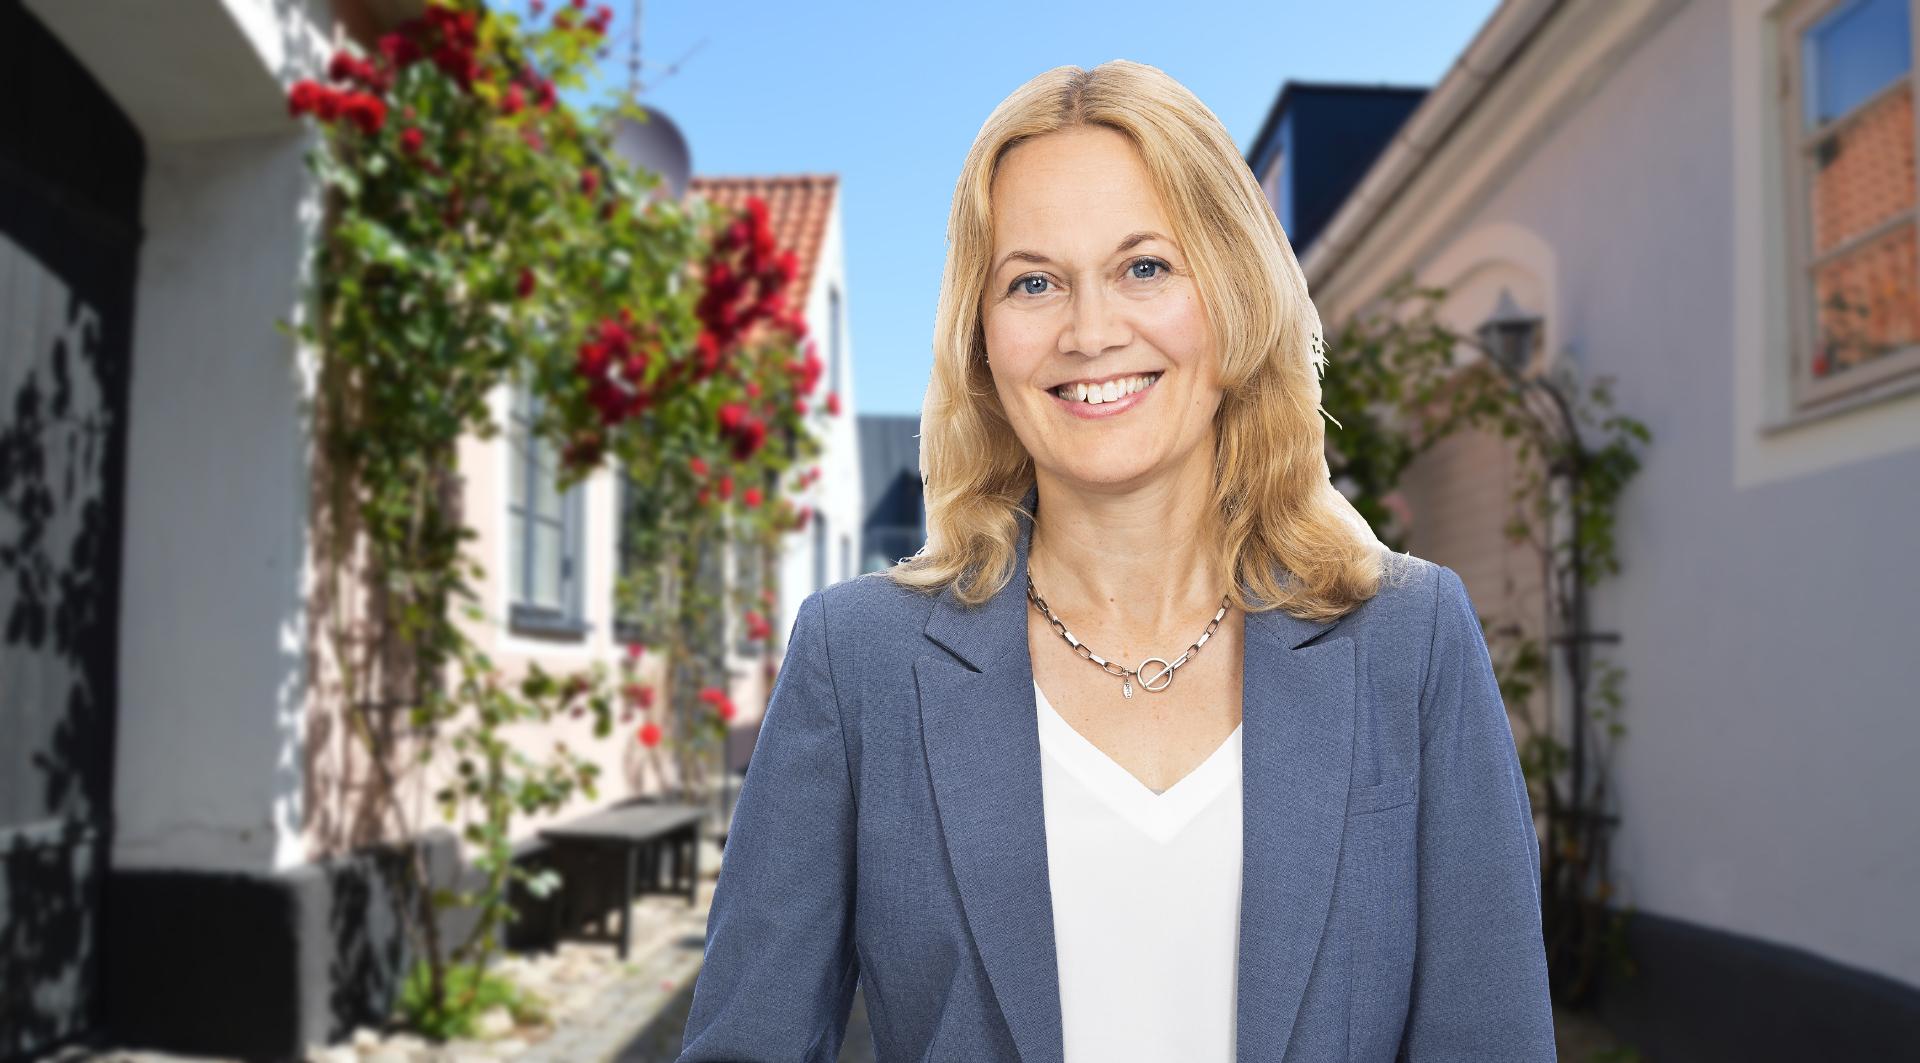 SEMESTERDAGS:  Det är bra att jobba undan och förbereda sig inför kommande semesterledighet, skriver Anna Schönfelder, HR-expert.